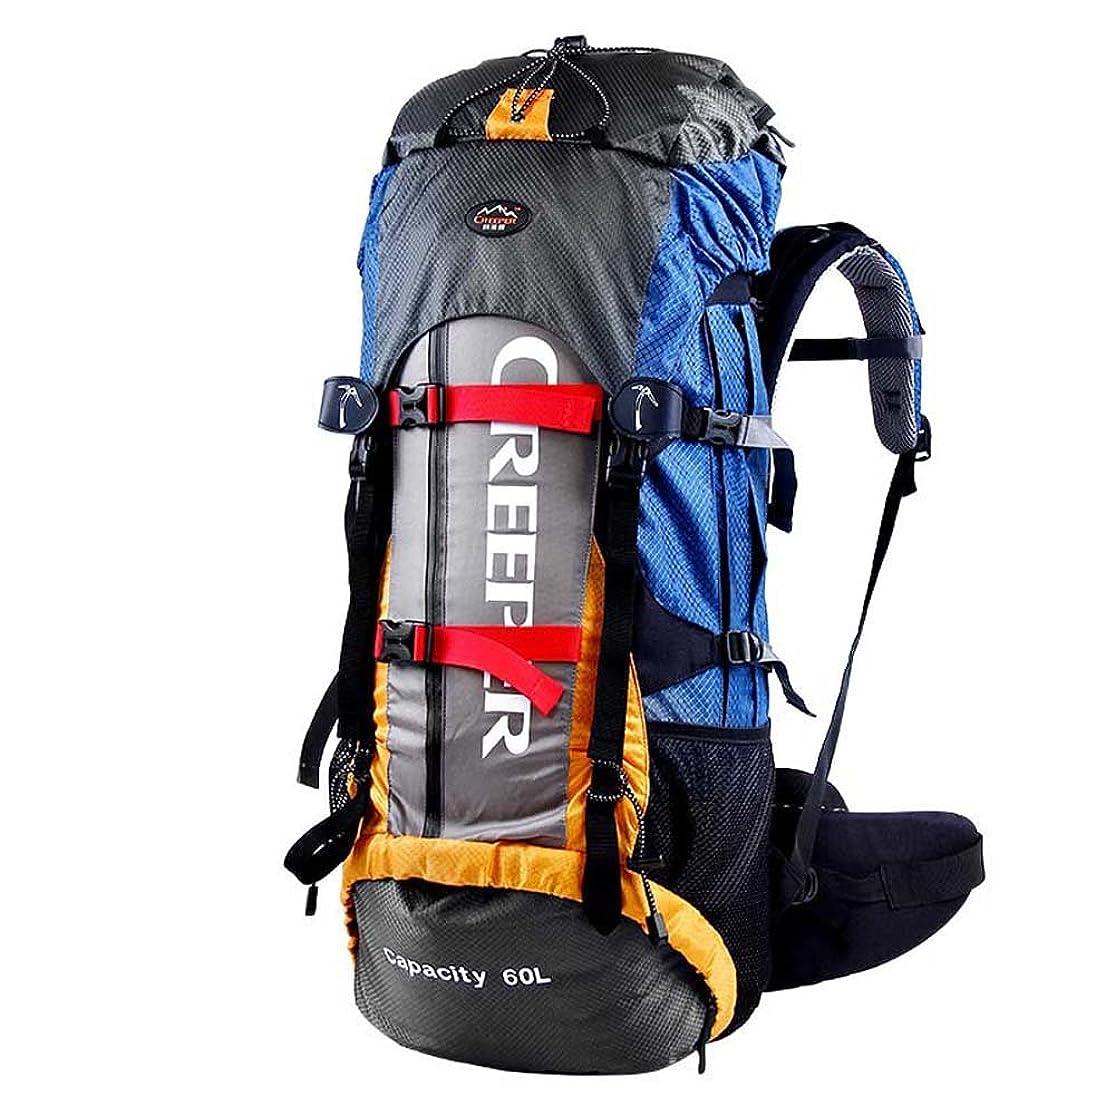 バイバイ規定距離CREEPER 登山バッグ キャンプバックパック 超大容量 ナイロン 防水 60Lバックパック 収納力抜群 人間らしい設計 軽量 防災 撮影?釣り?登山?旅行?野営用 ナローバックパックYD171